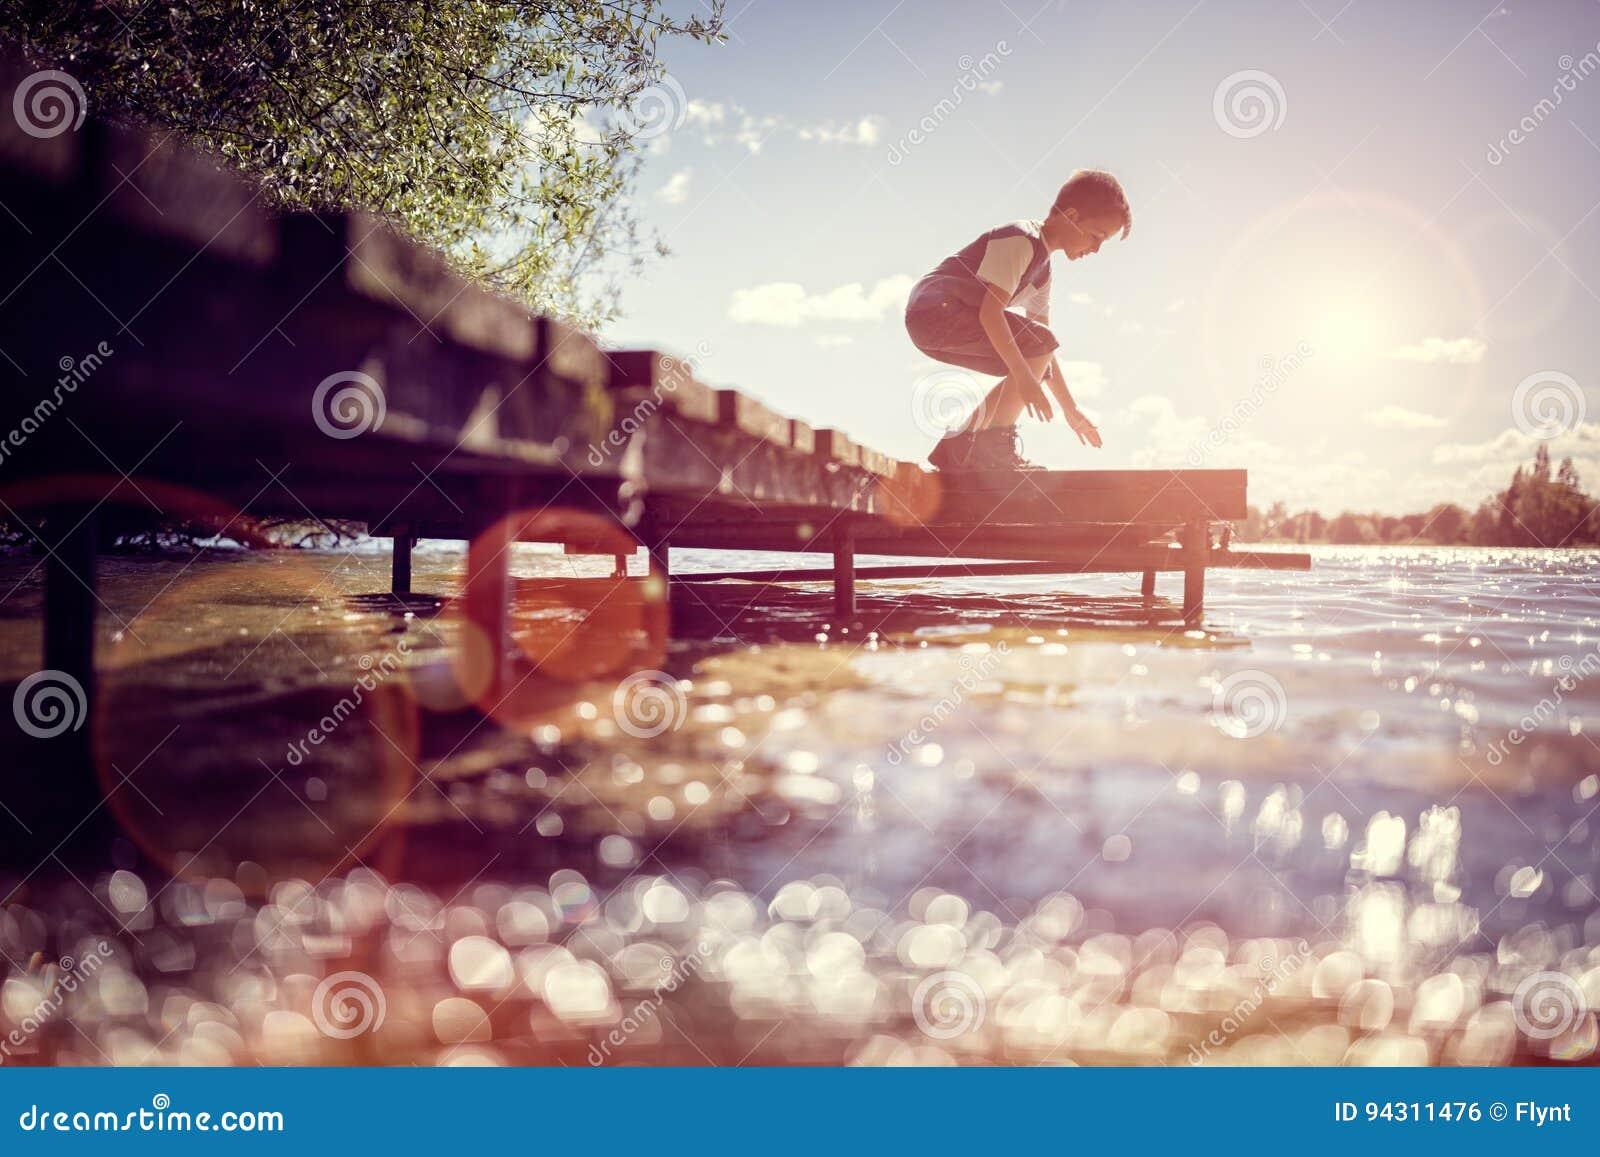 Παιχνίδι αγοριών σε μια αποβάθρα από τη λίμνη στις θερινές διακοπές